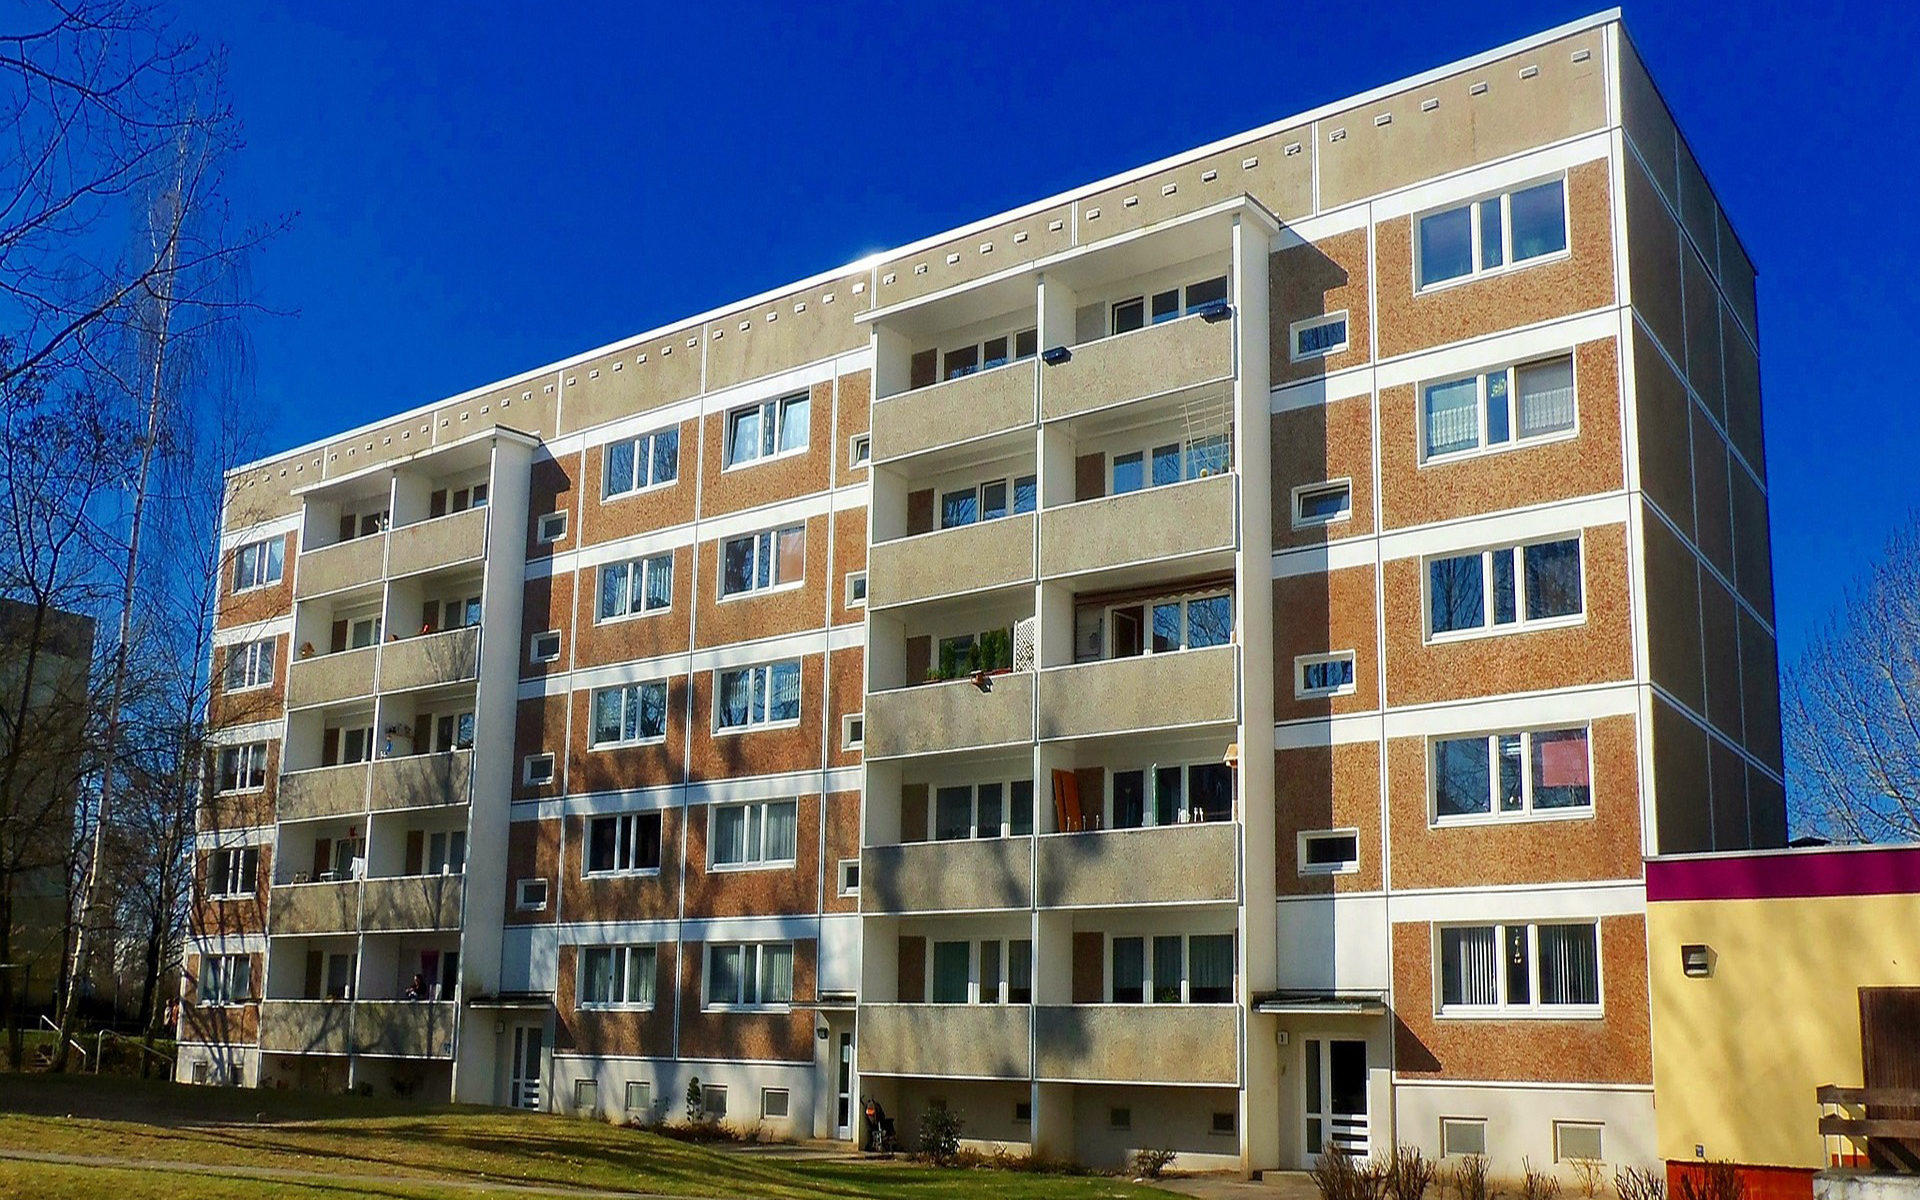 Balkons zijn gemeenschappelijke gedeelten